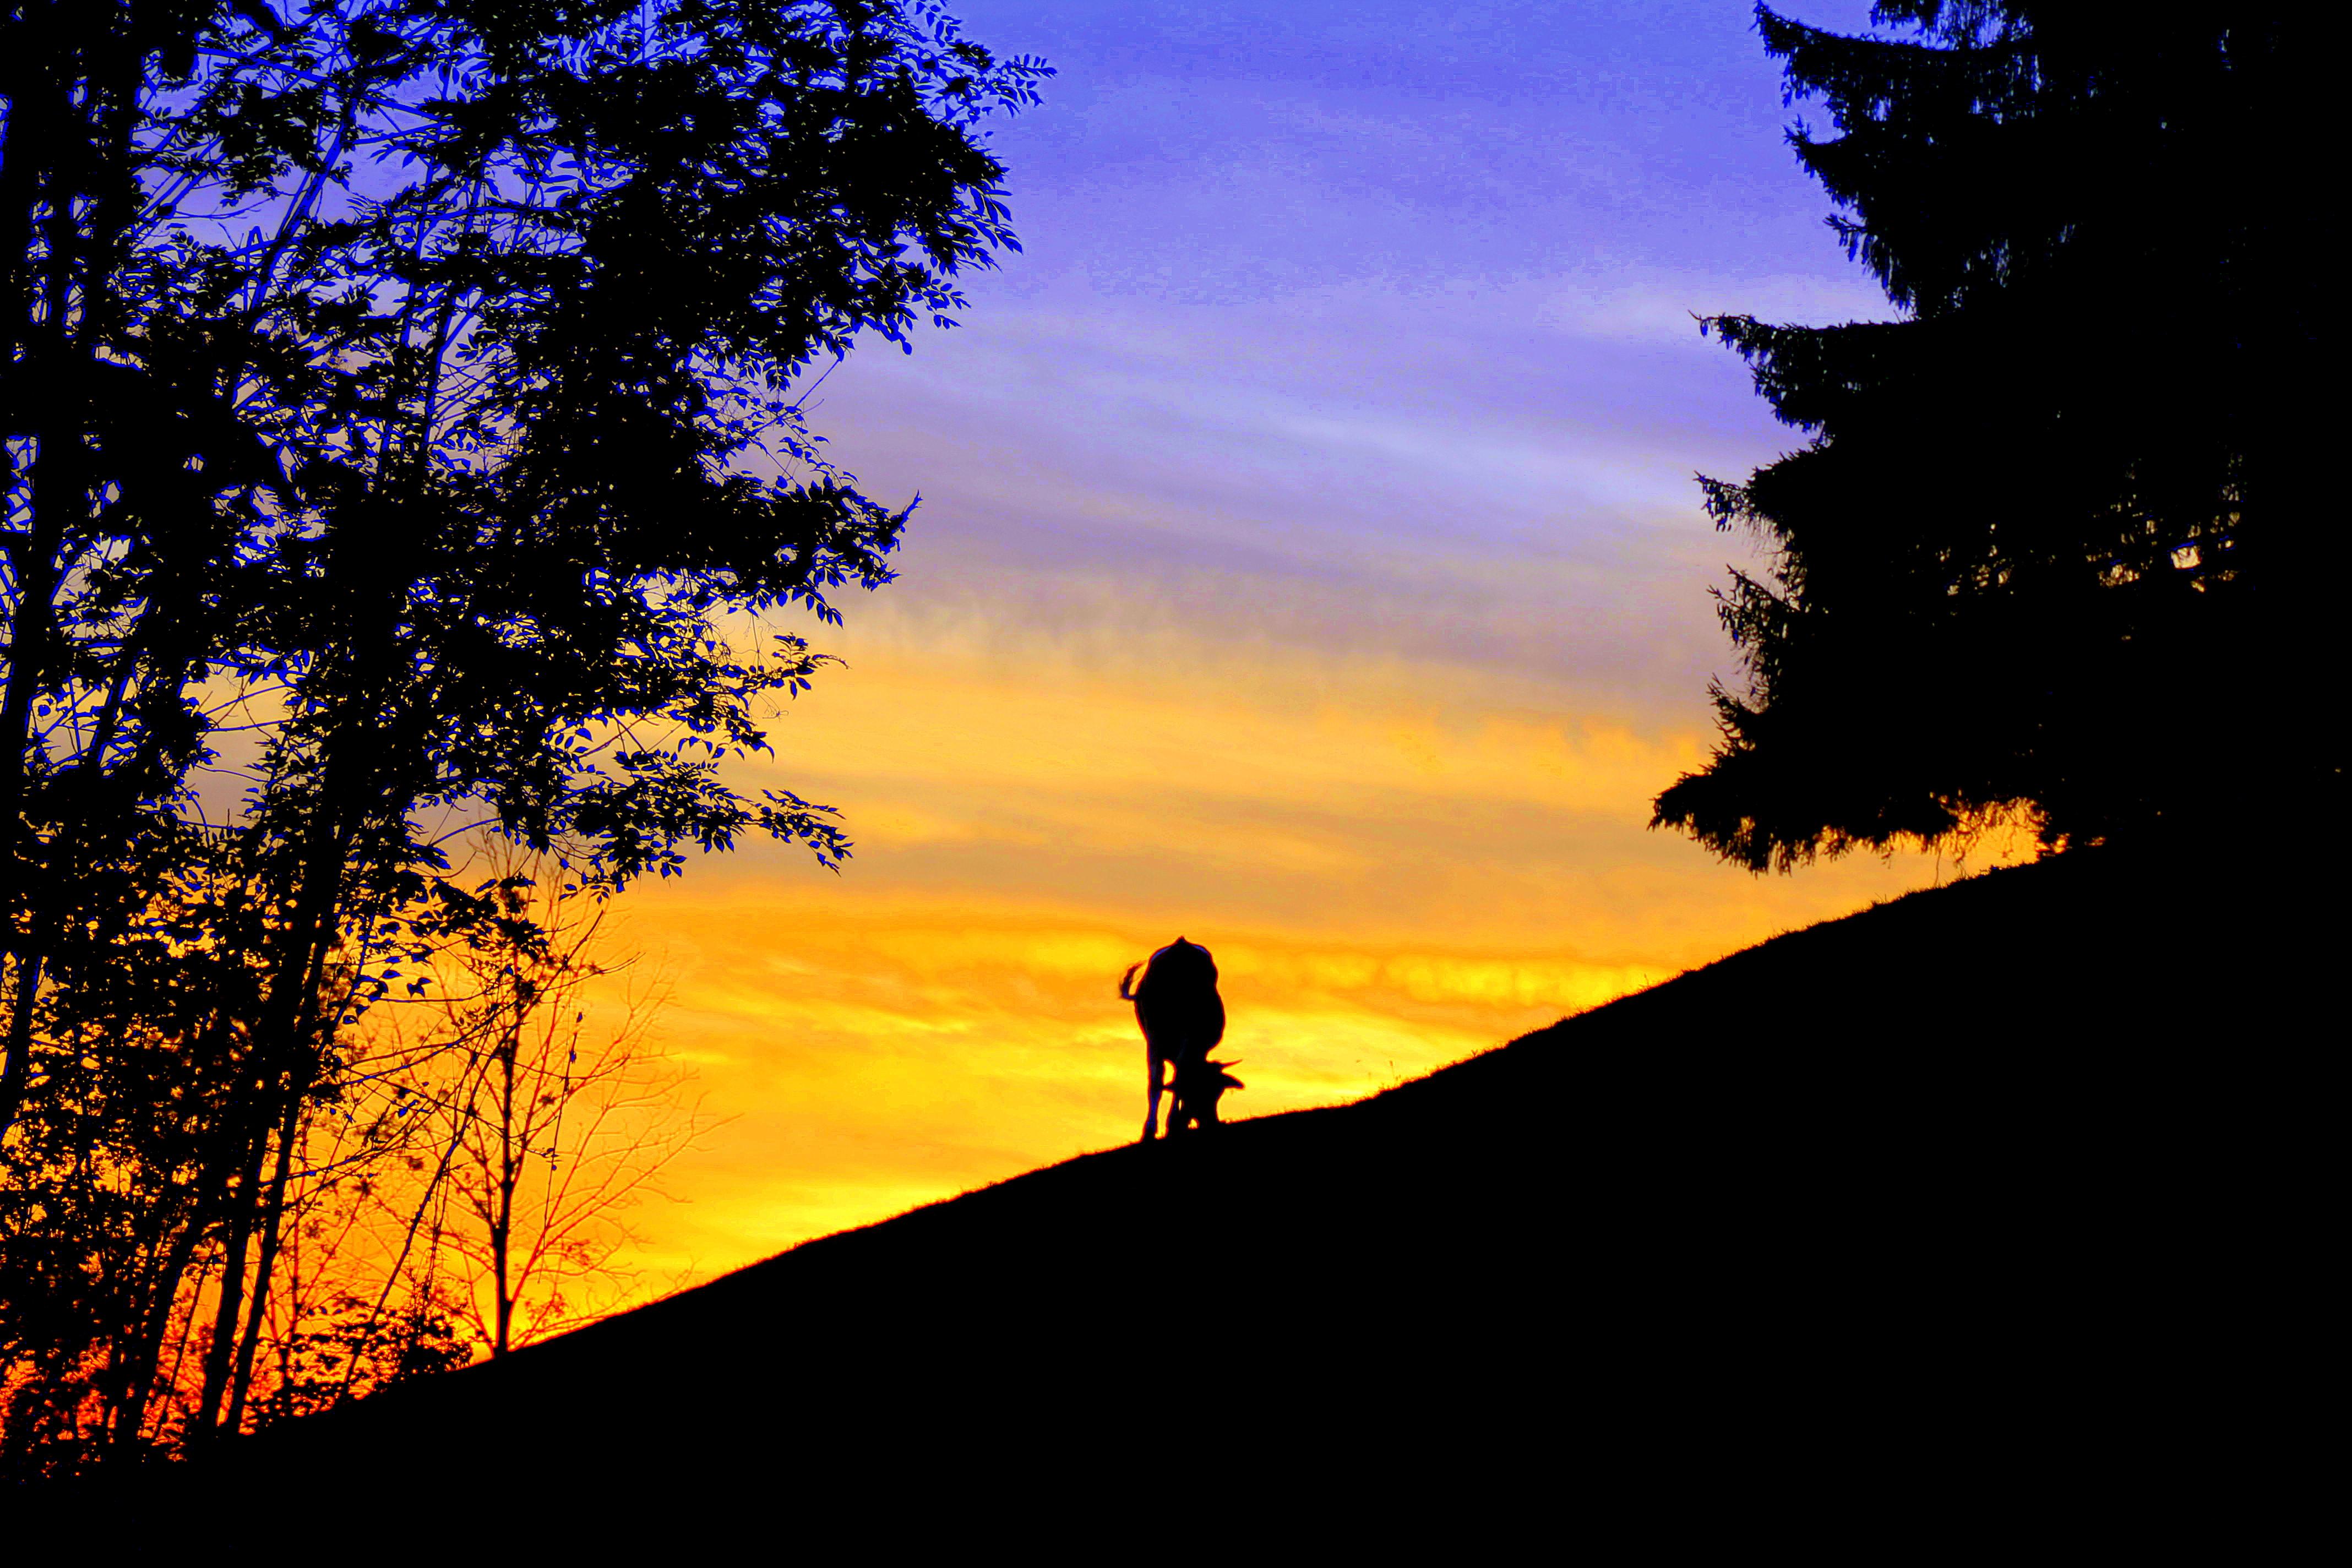 Der magischer Moment und warum Berge der beste Ort dafür sind